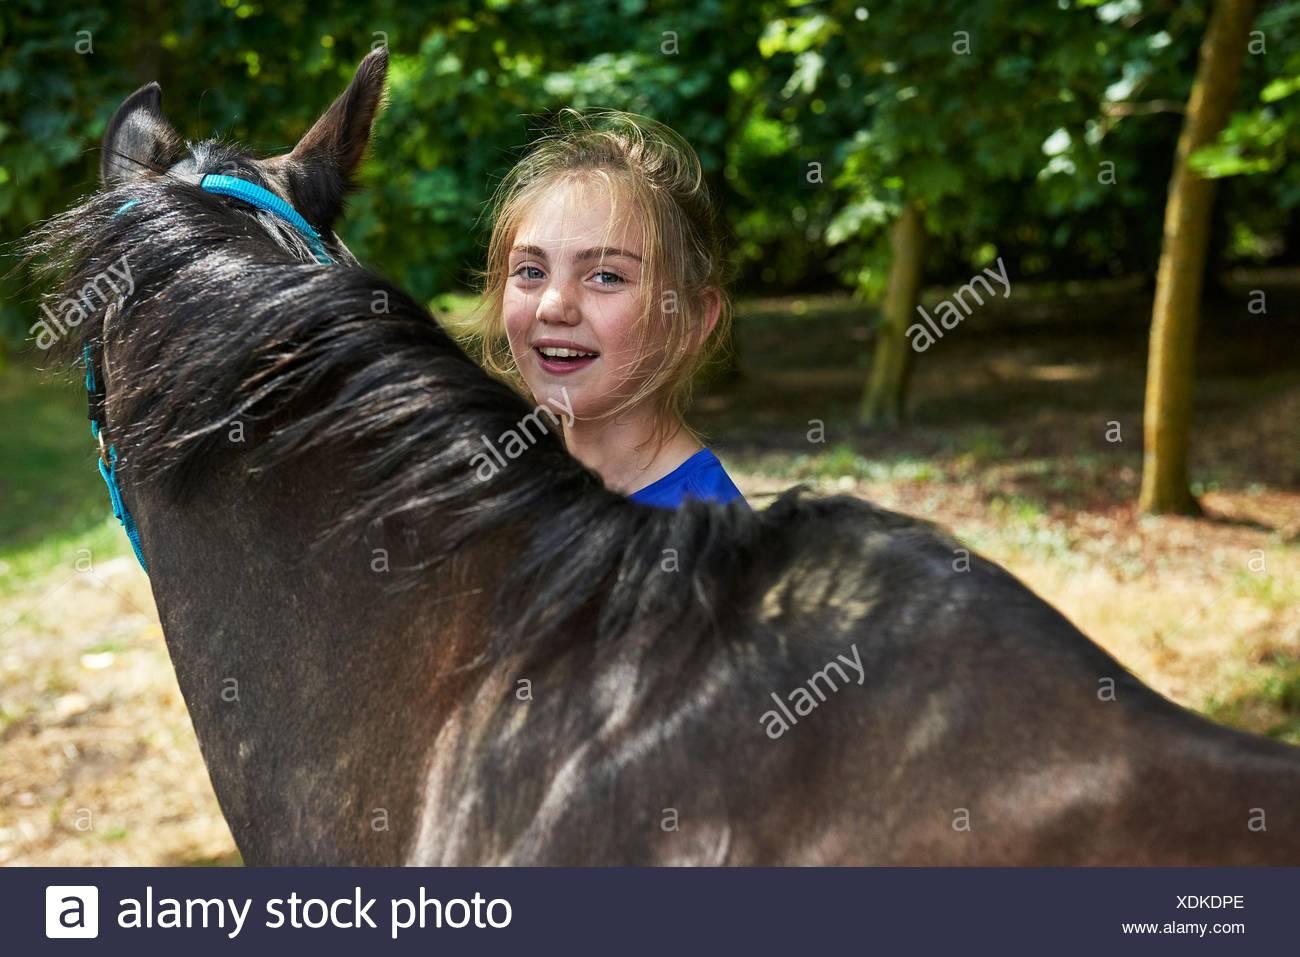 La cabeza y los hombros de la chica con el Caballo sonriente mirando a la cámara Imagen De Stock